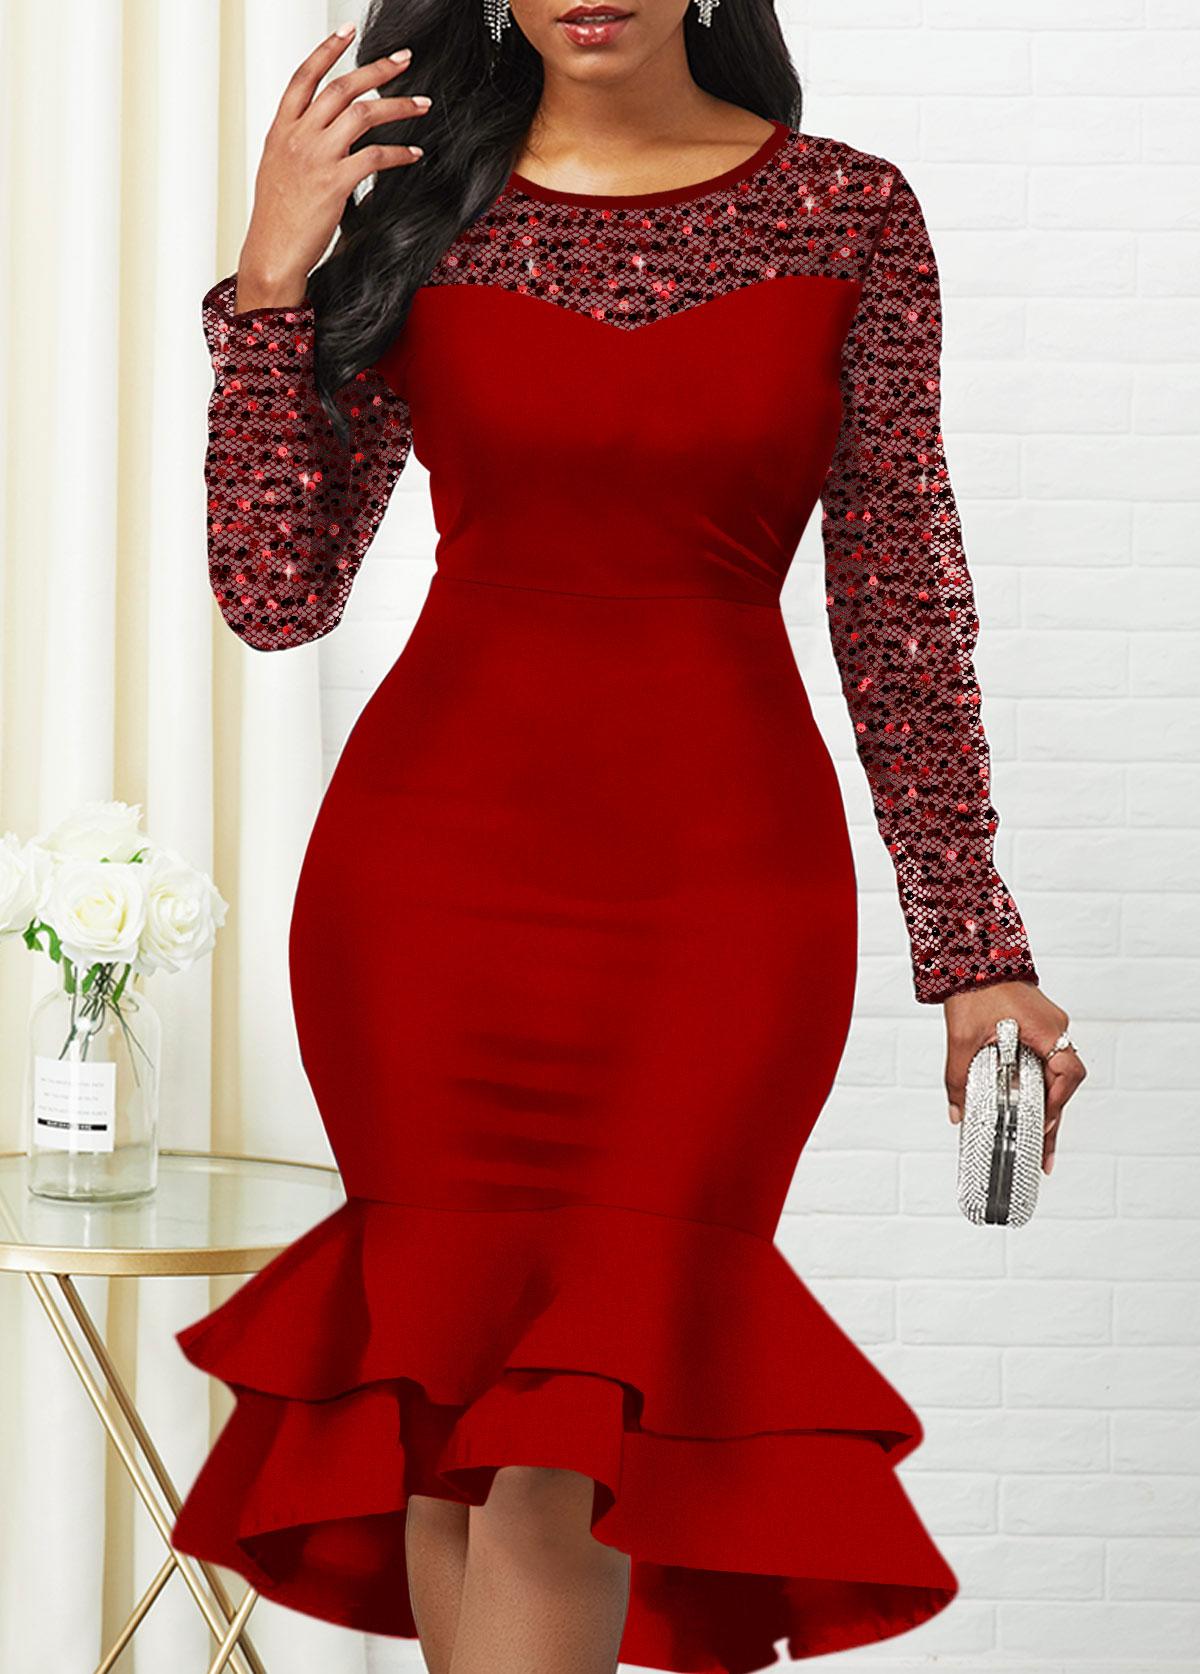 Sequin Detail Long Sleeve Mesh Panel Mermaid Dress